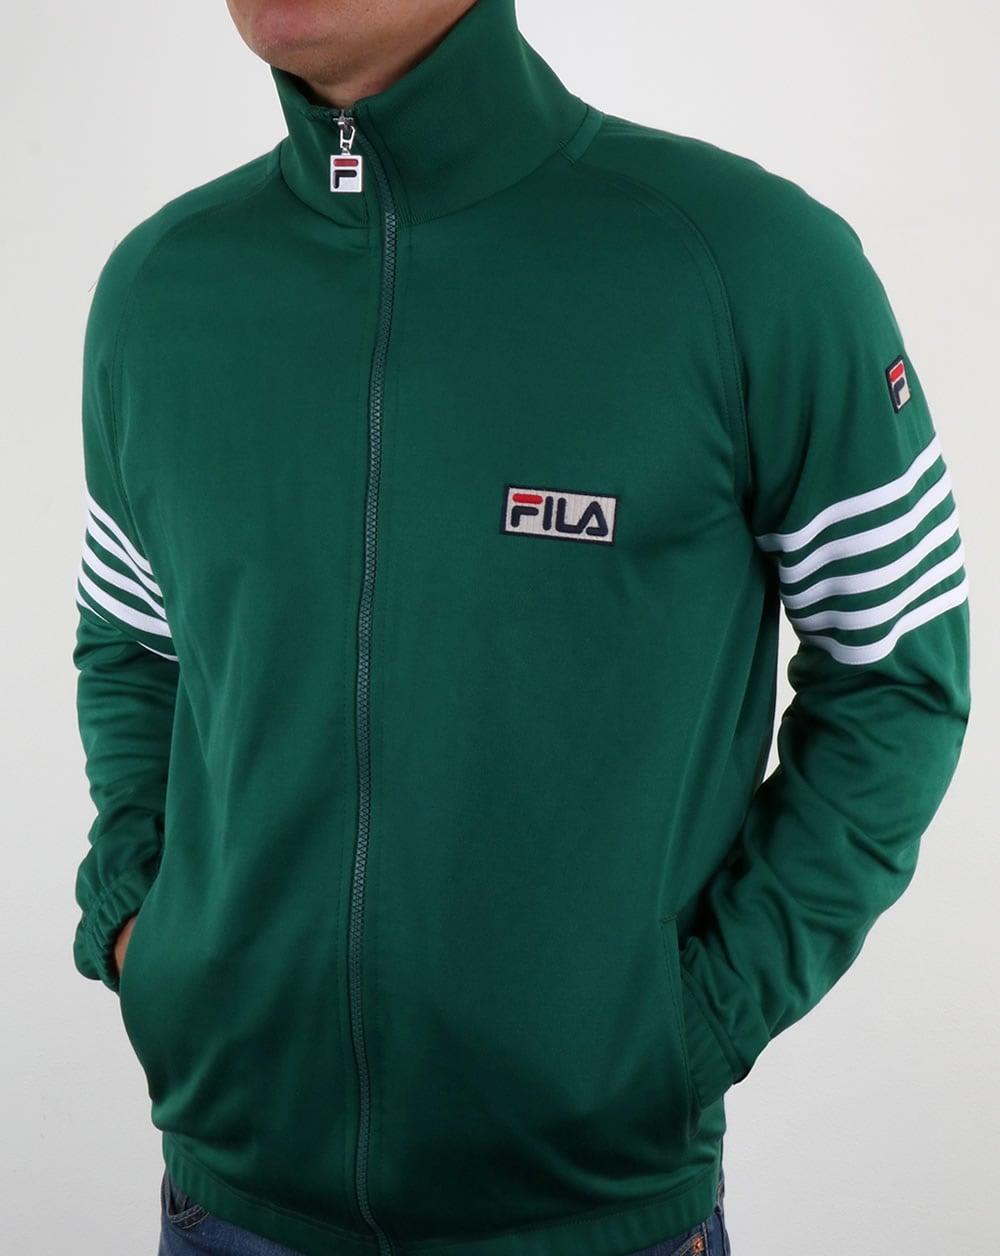 2bb77ff0af6 Fila Vintage 5 Stripe Track Top Evergreen,five,tracksuit,jacket,mens